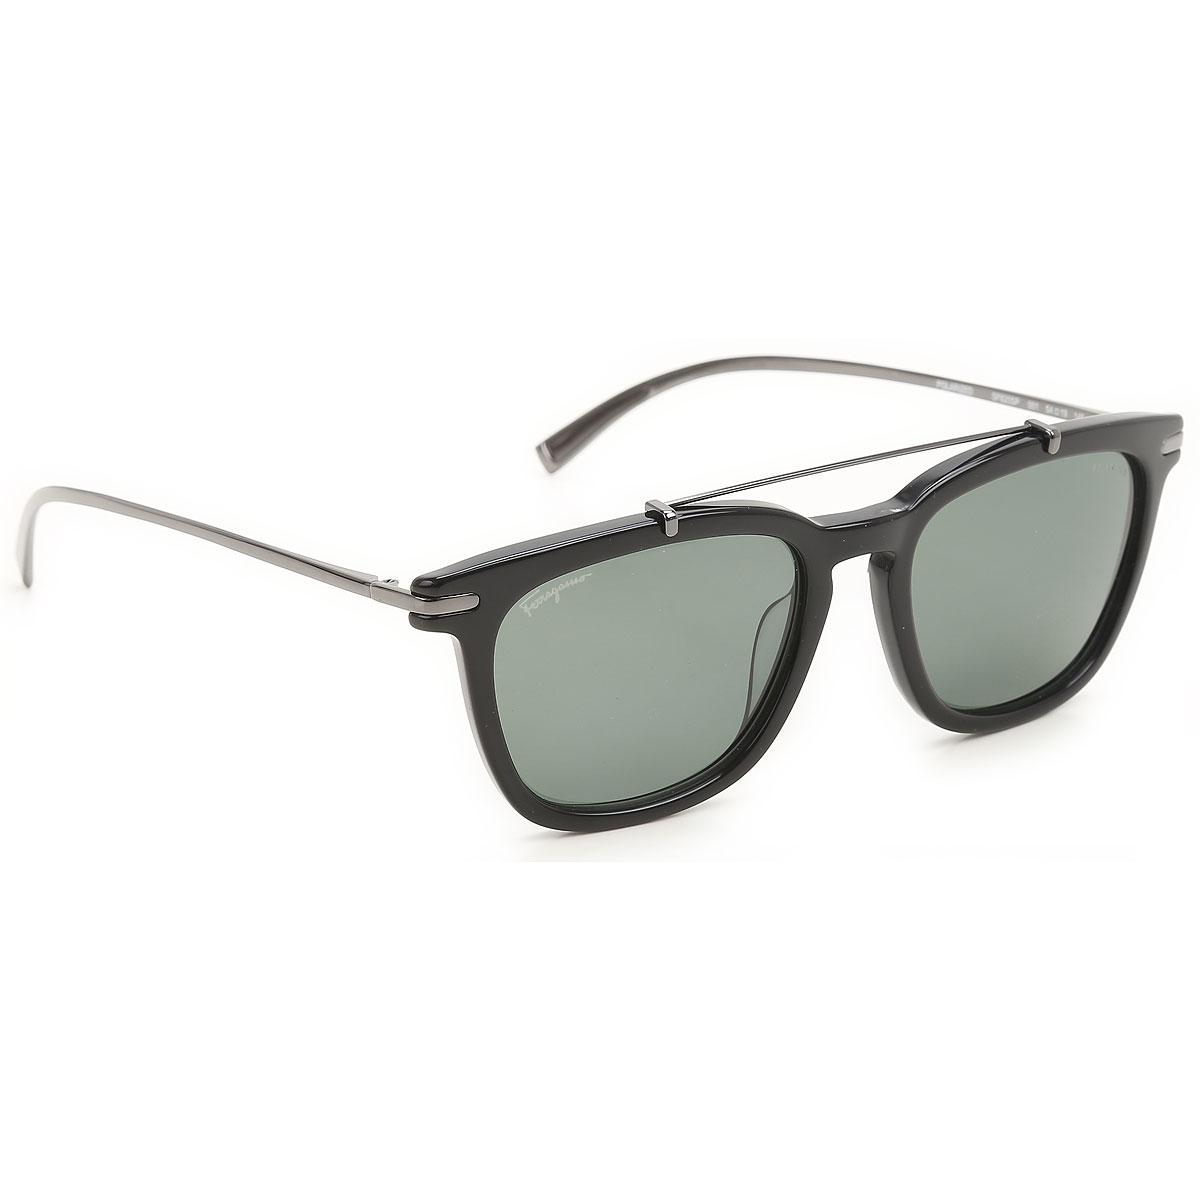 fbcc9ce484 Salvatore Ferragamo. Sunglasses